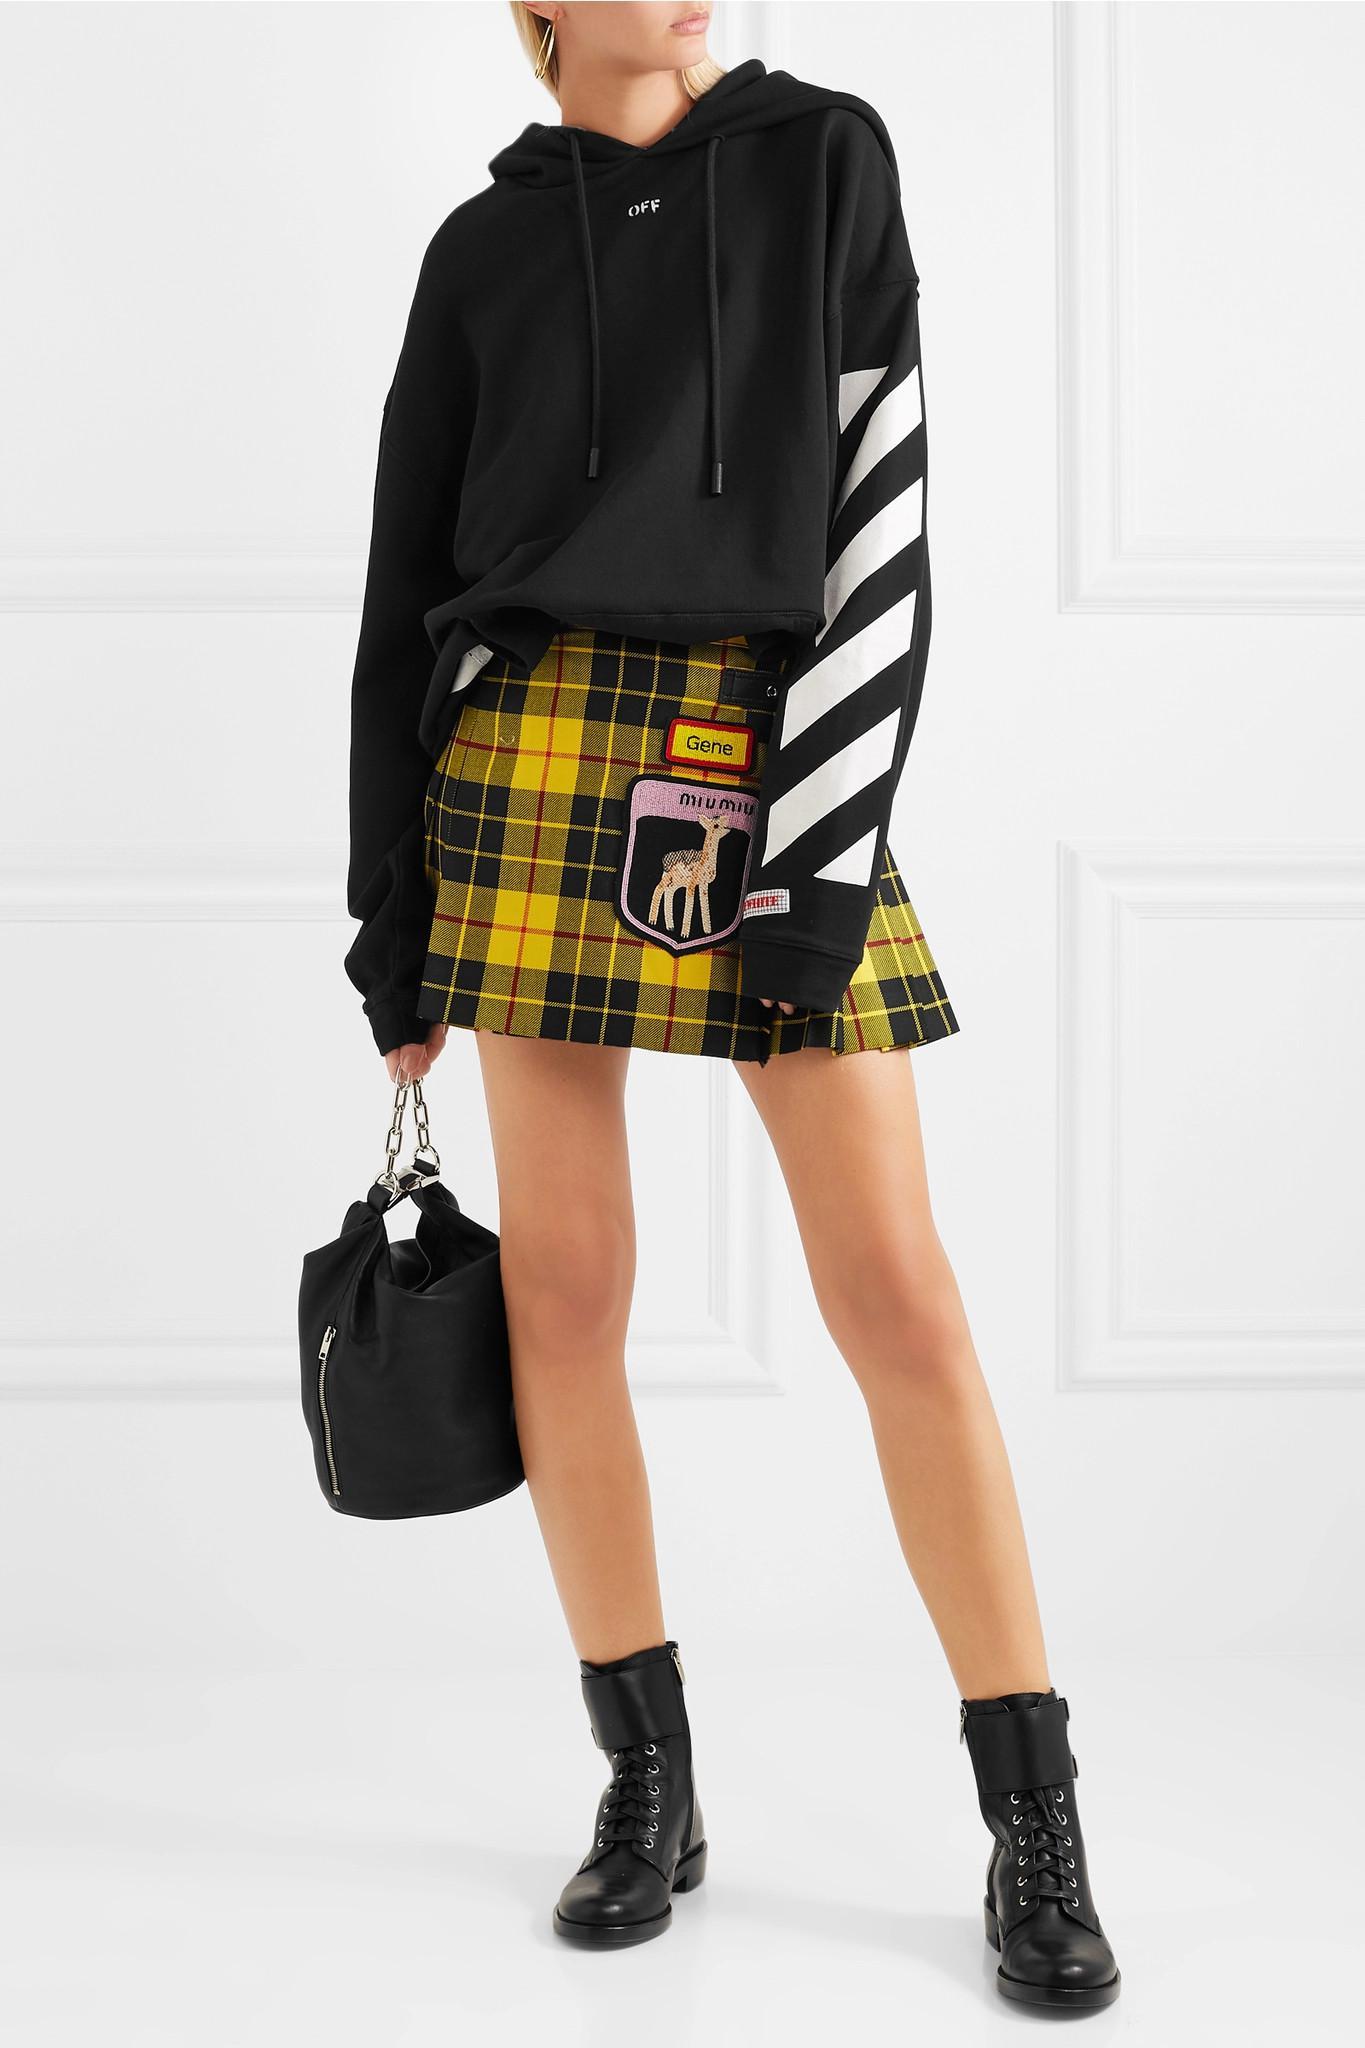 981b585416 Miu Miu Appliquéd Tartan Wool Mini Skirt in Yellow - Lyst